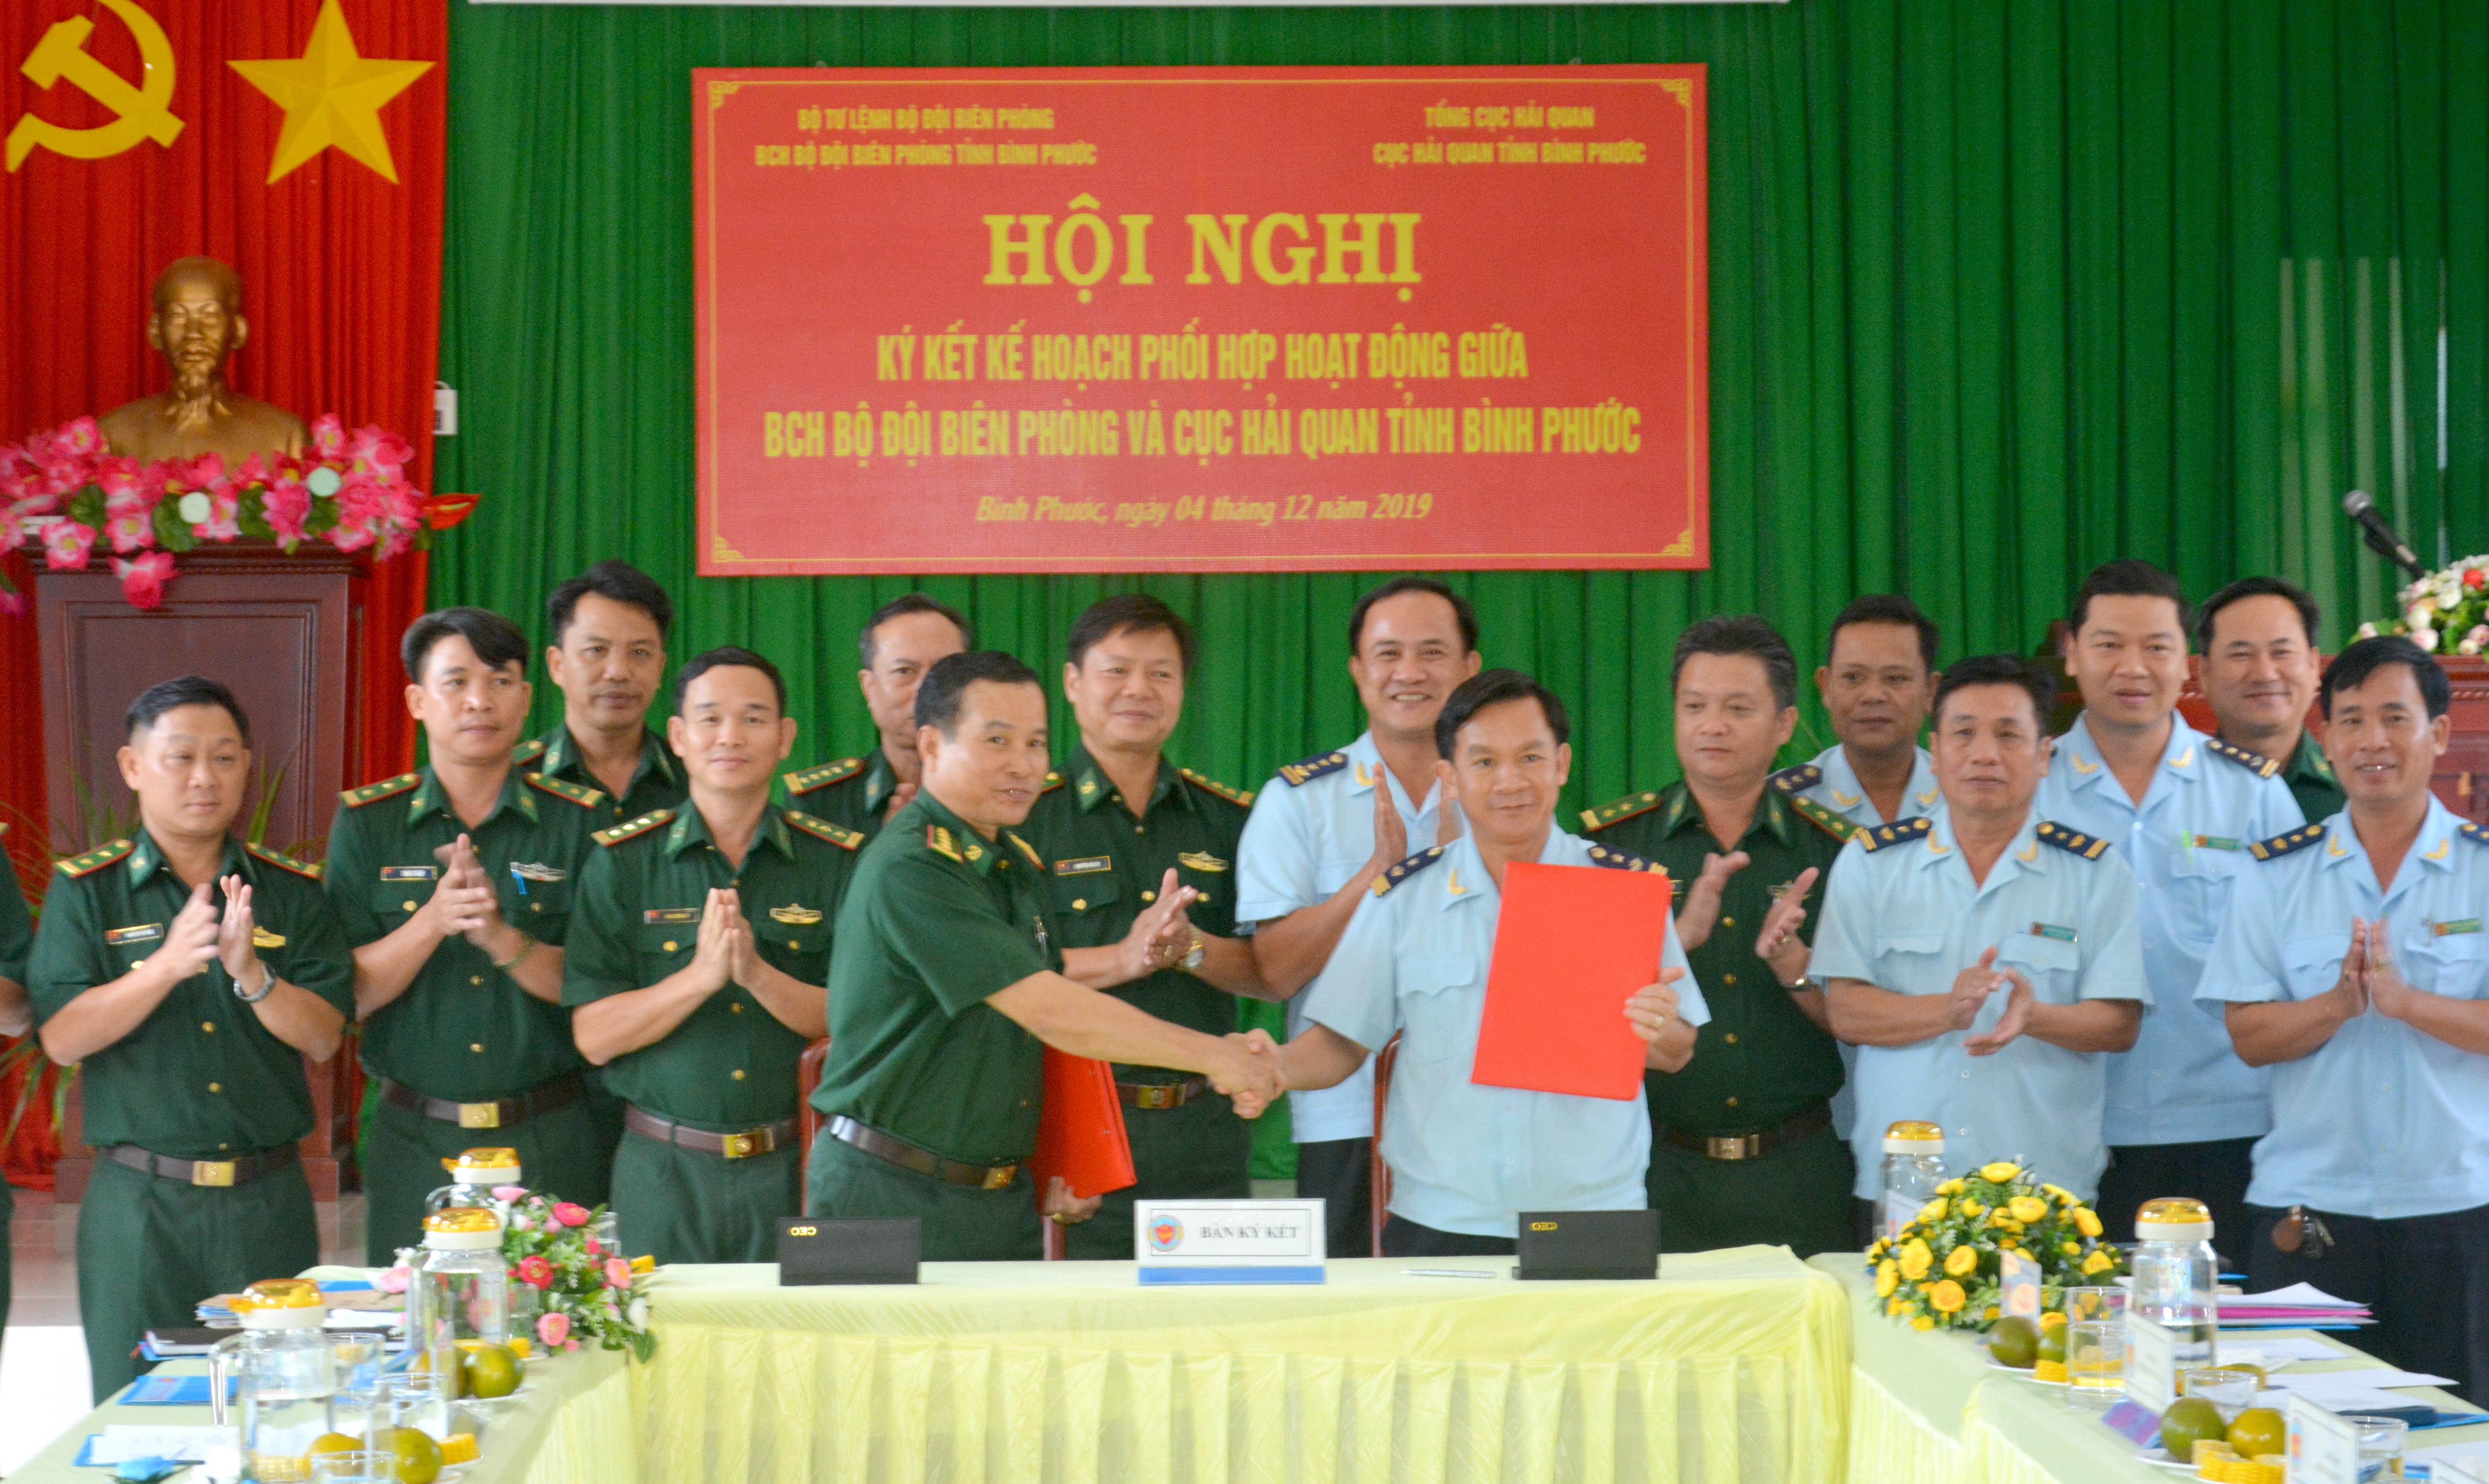 BĐBP và Hải quan Bình Phước ký kết kế hoạch phối hợp